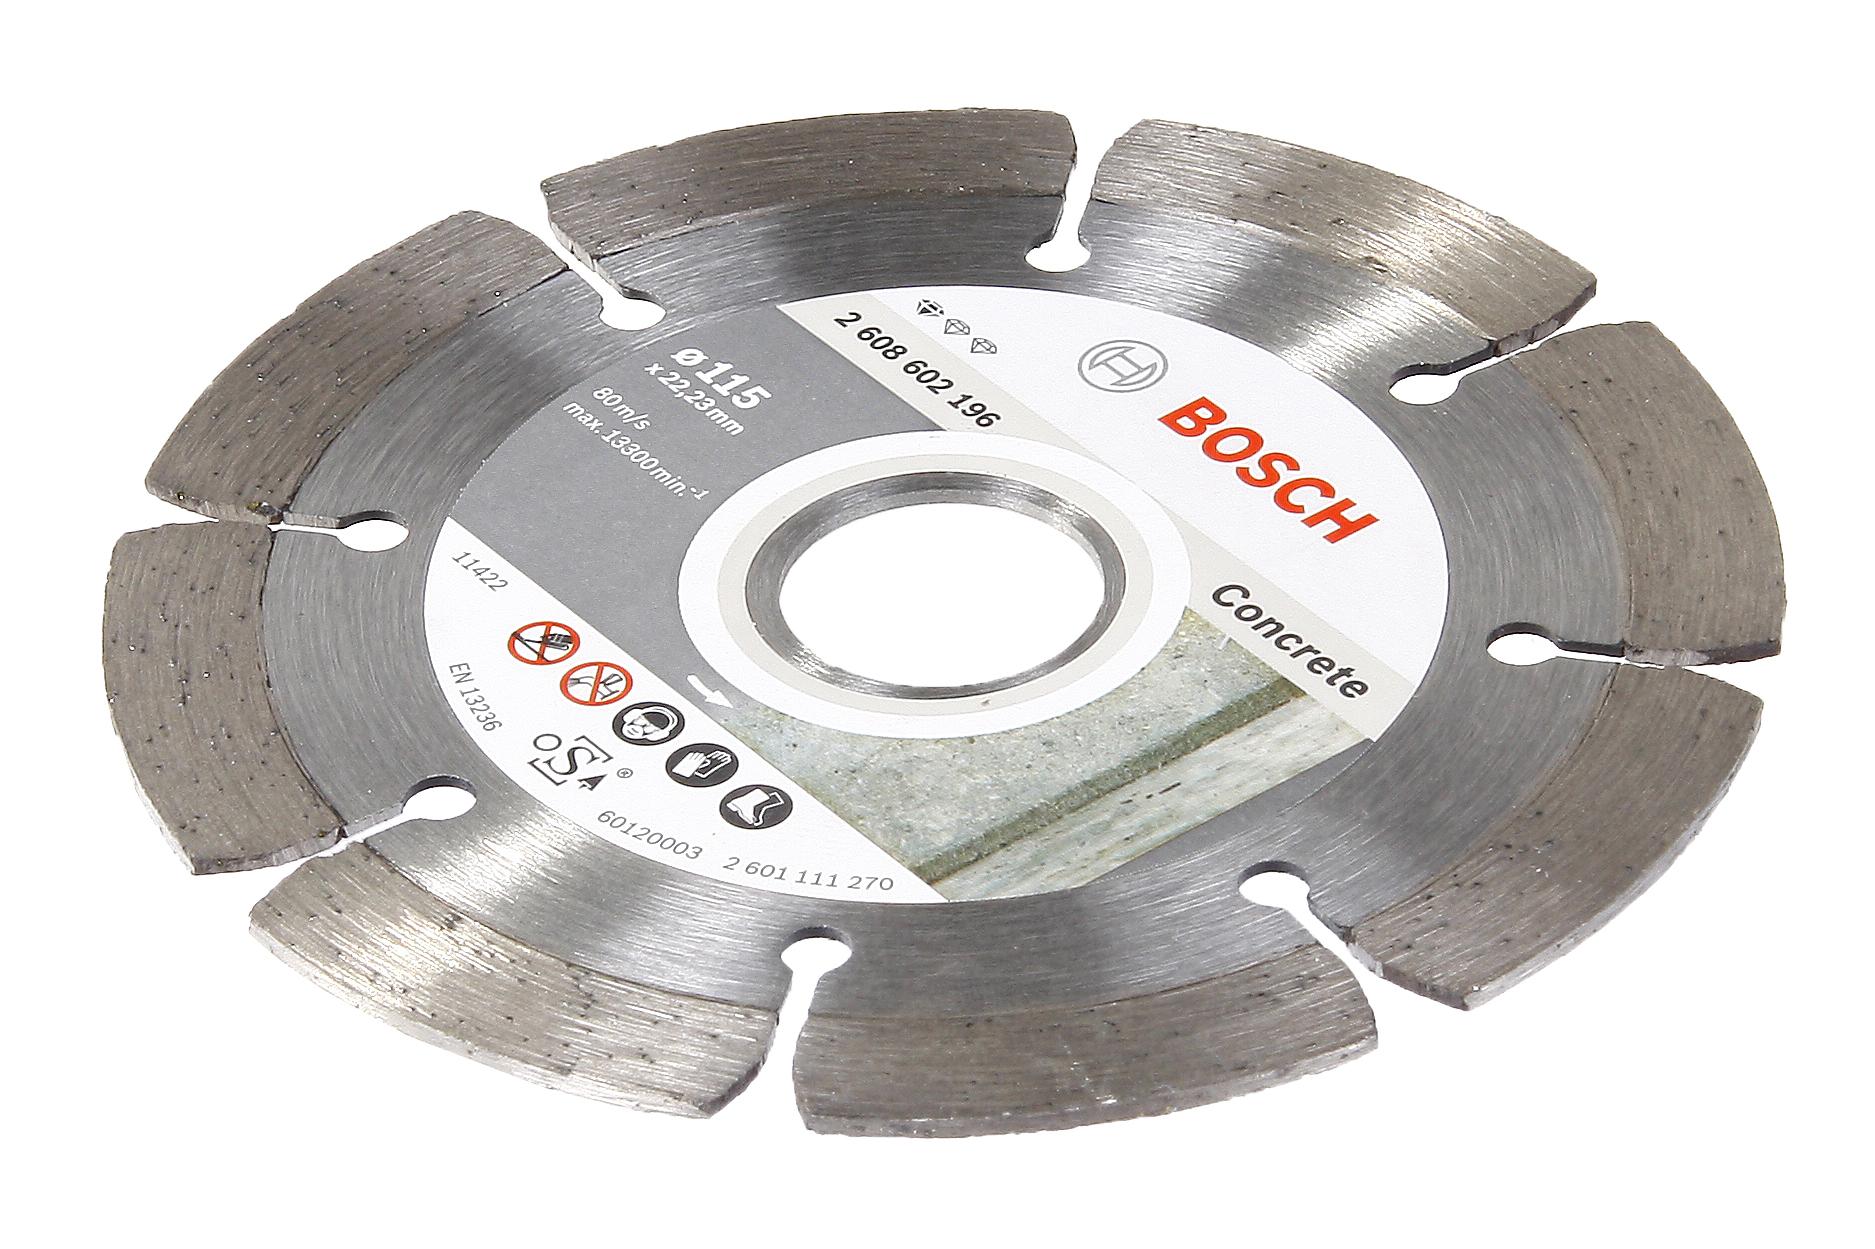 Круг алмазный Bosch Standard for concrete 125x22,2 сегмент (2.608.602.197) круг алмазный bosch expert for concrete 450x25 4 сегмент 2 608 602 563